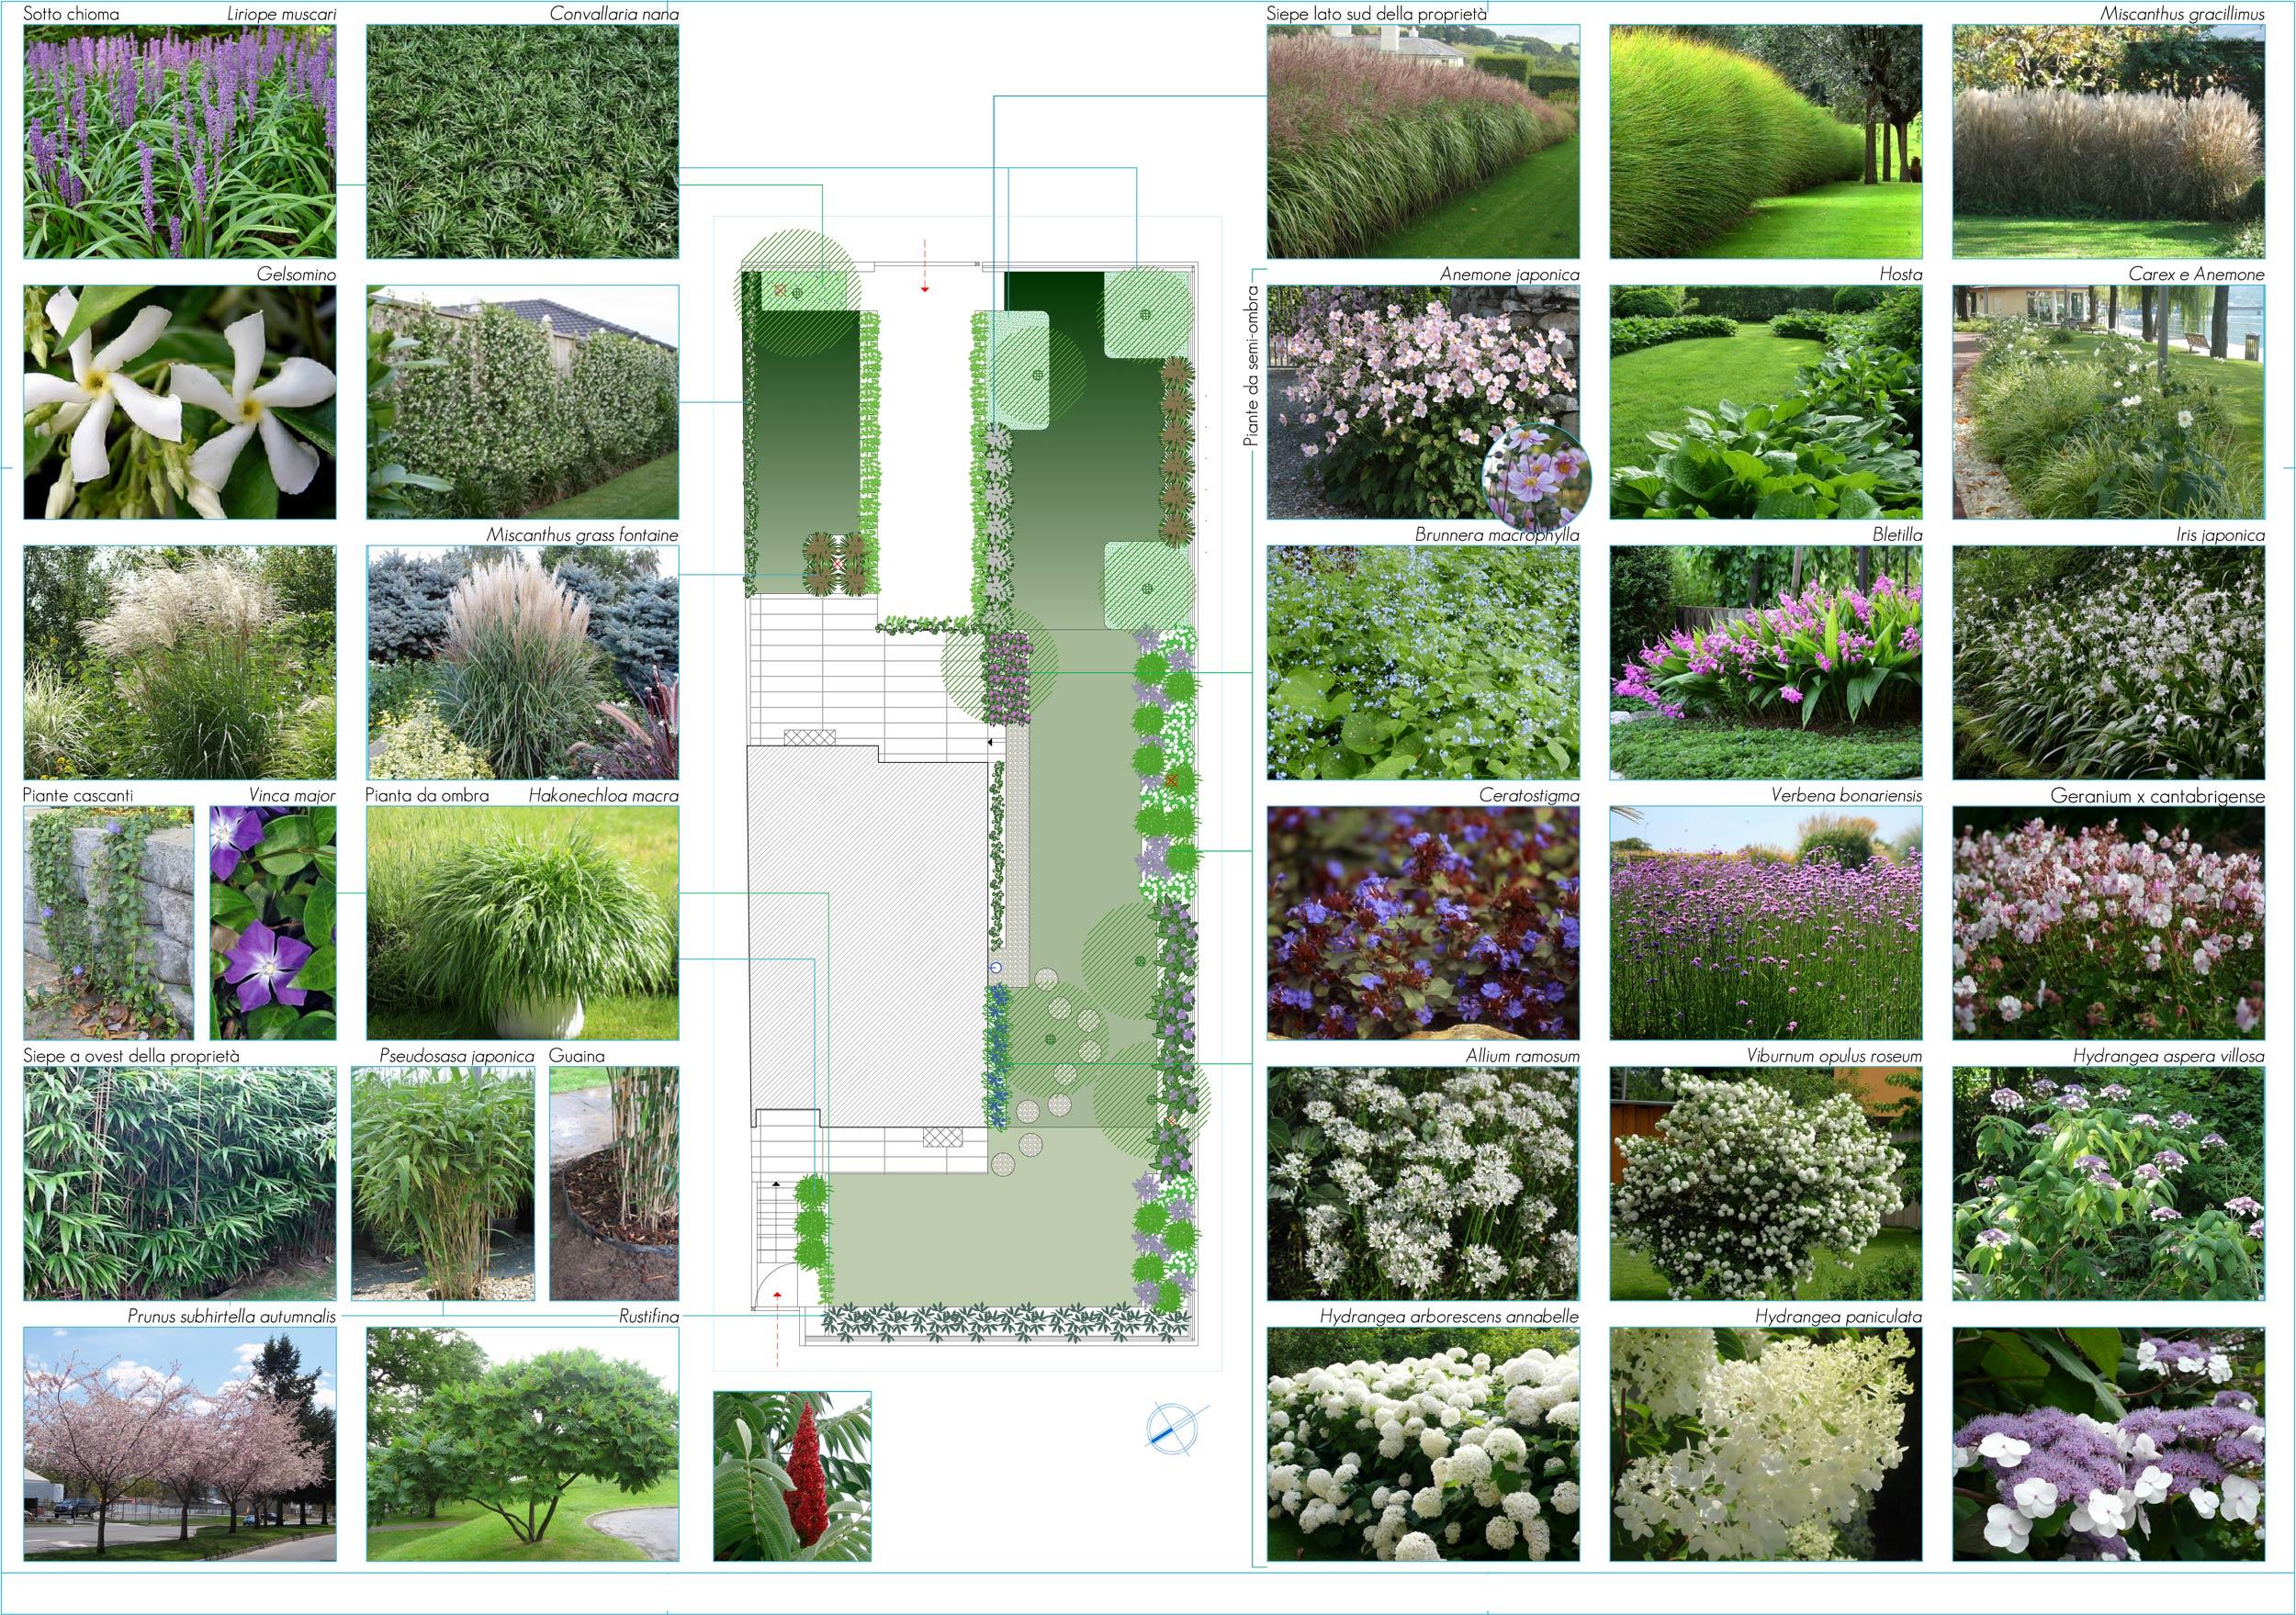 Giardino di abitazione privata leno bs progettazione for Corso progettazione giardini